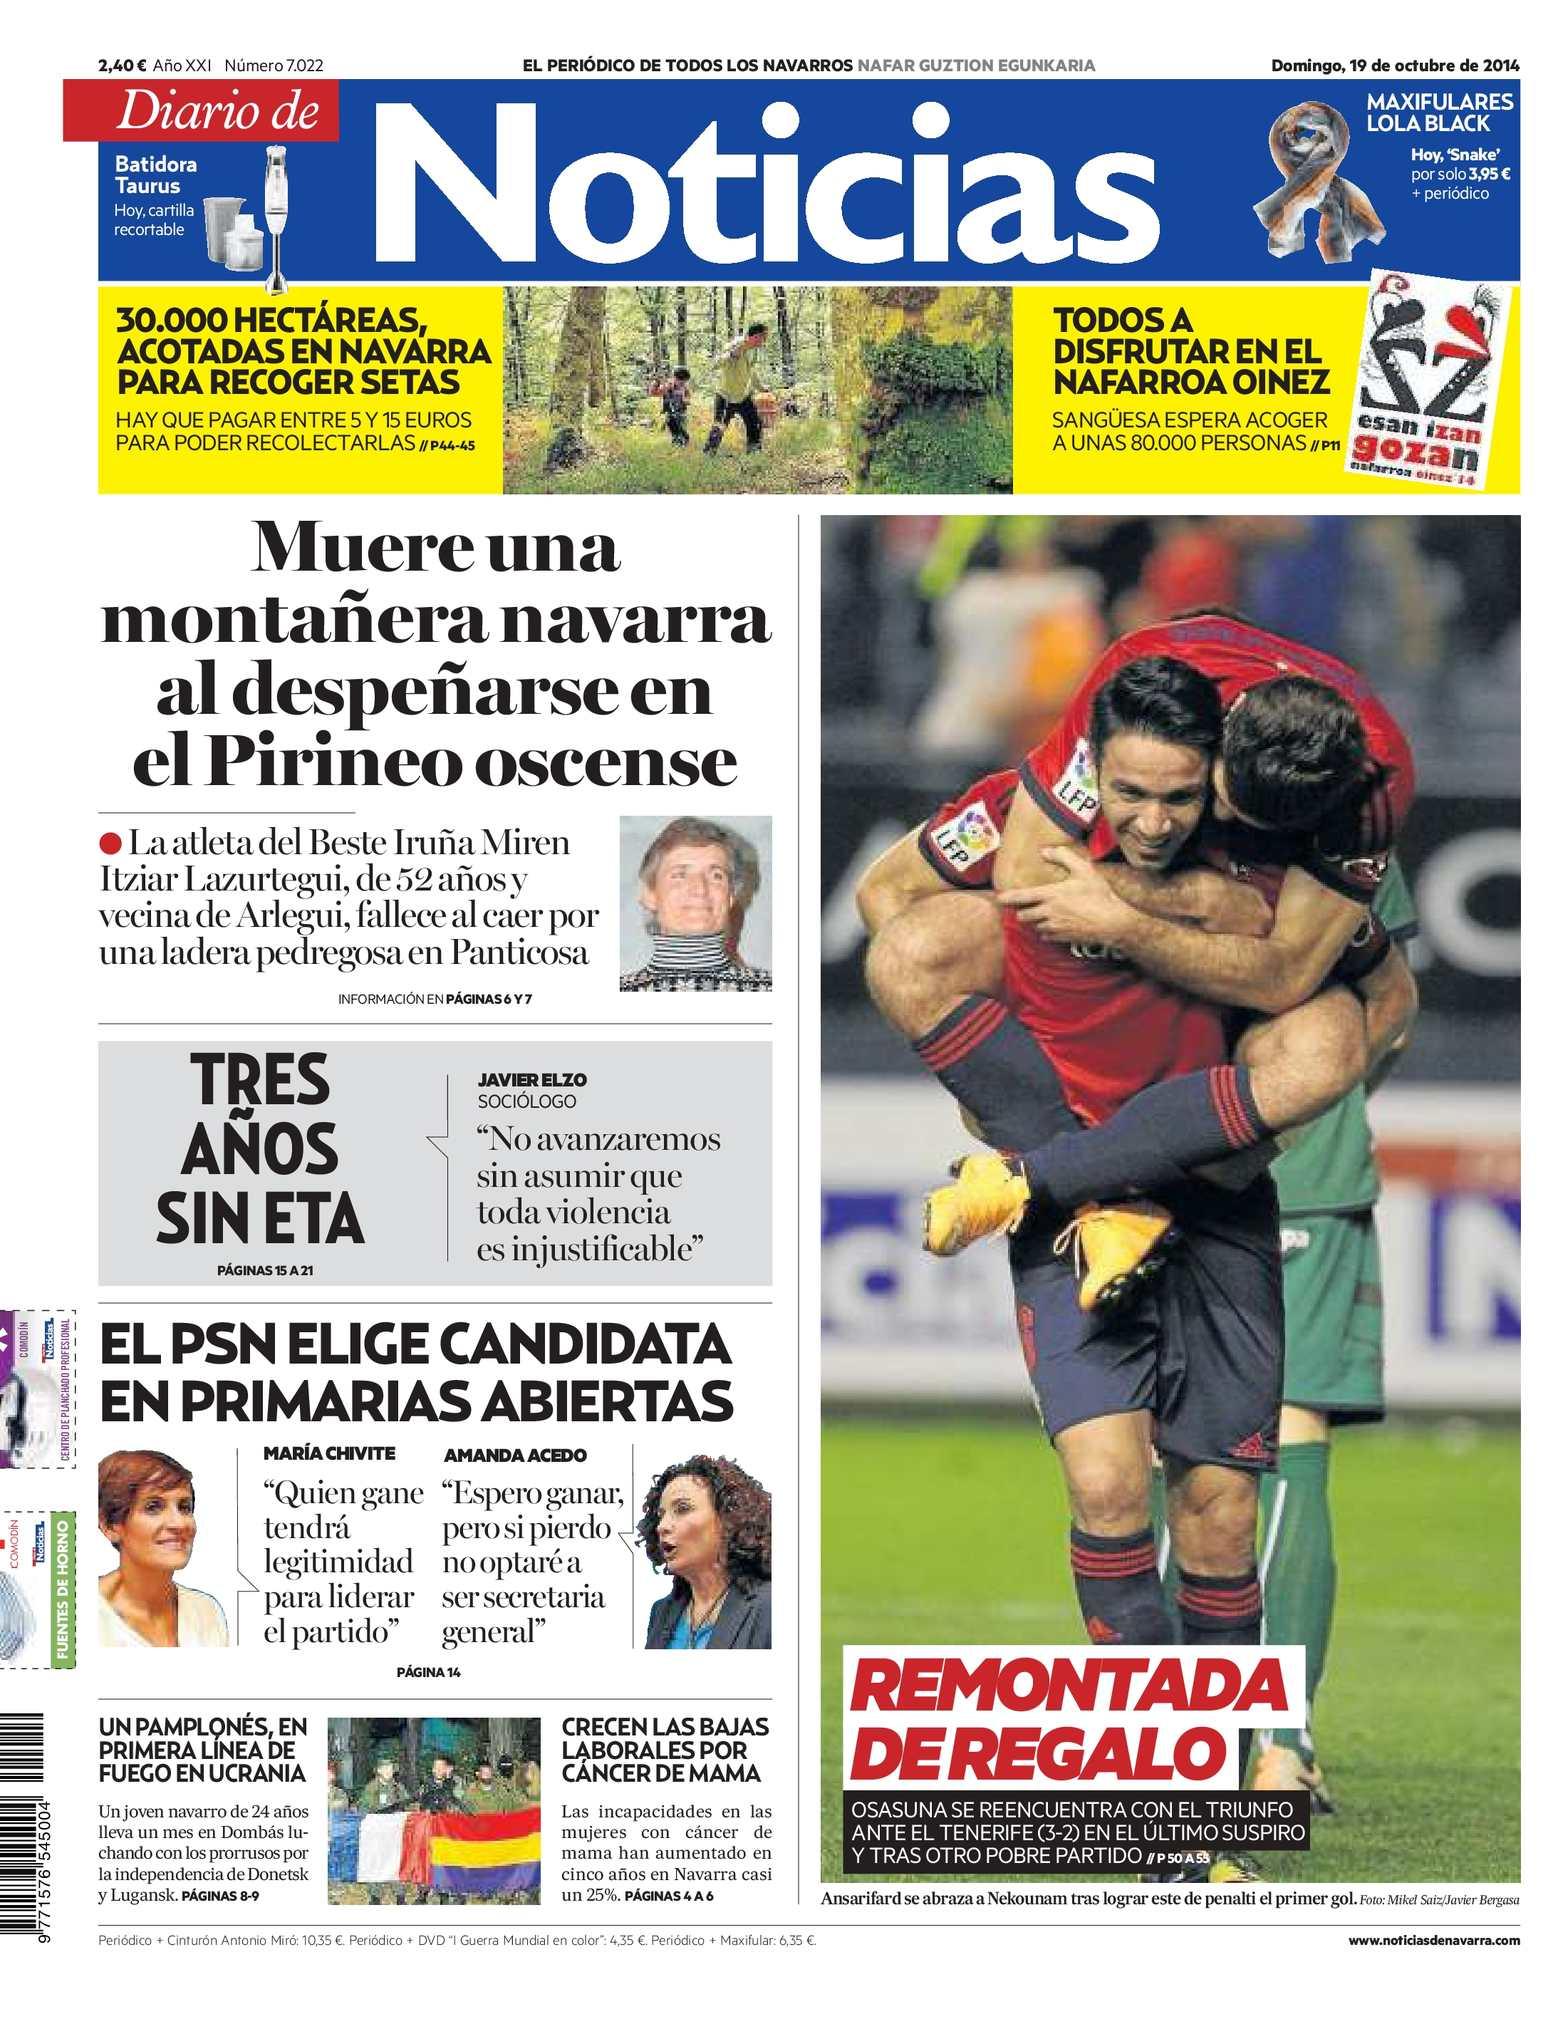 Calaméo - Diario de Noticias 20141019